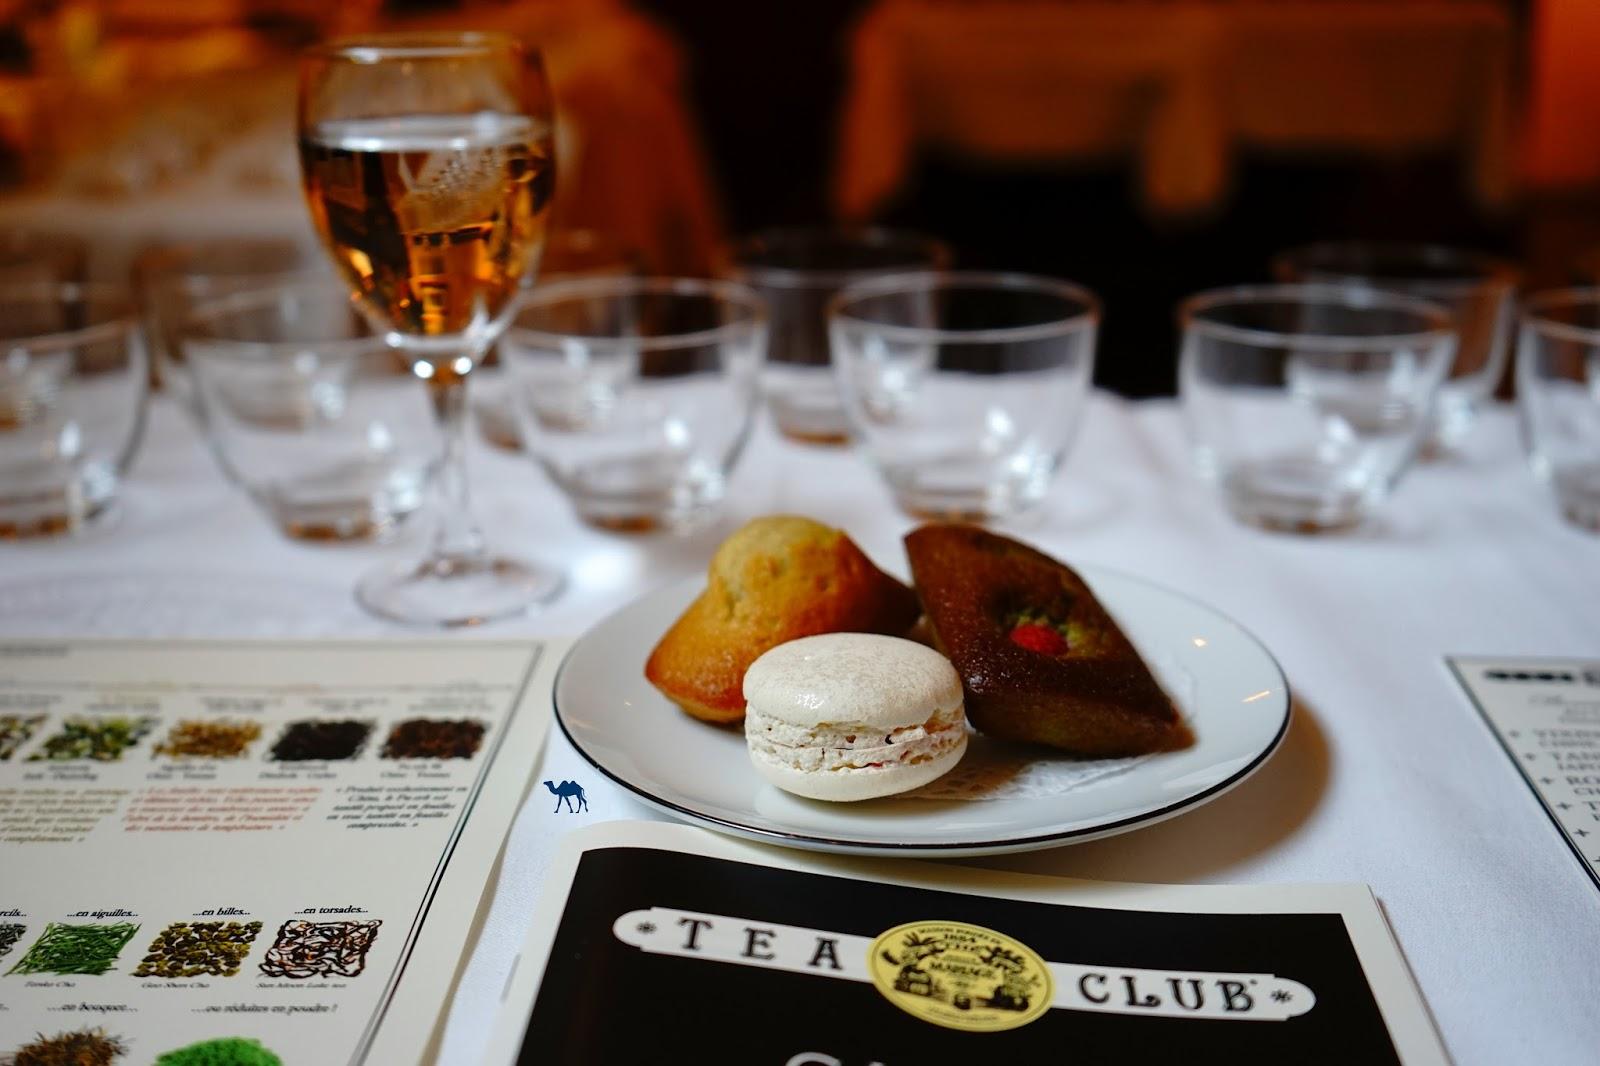 Le Chameau Bleu - Mignardises du Tea Club - Initiation au thé Mariage Frères